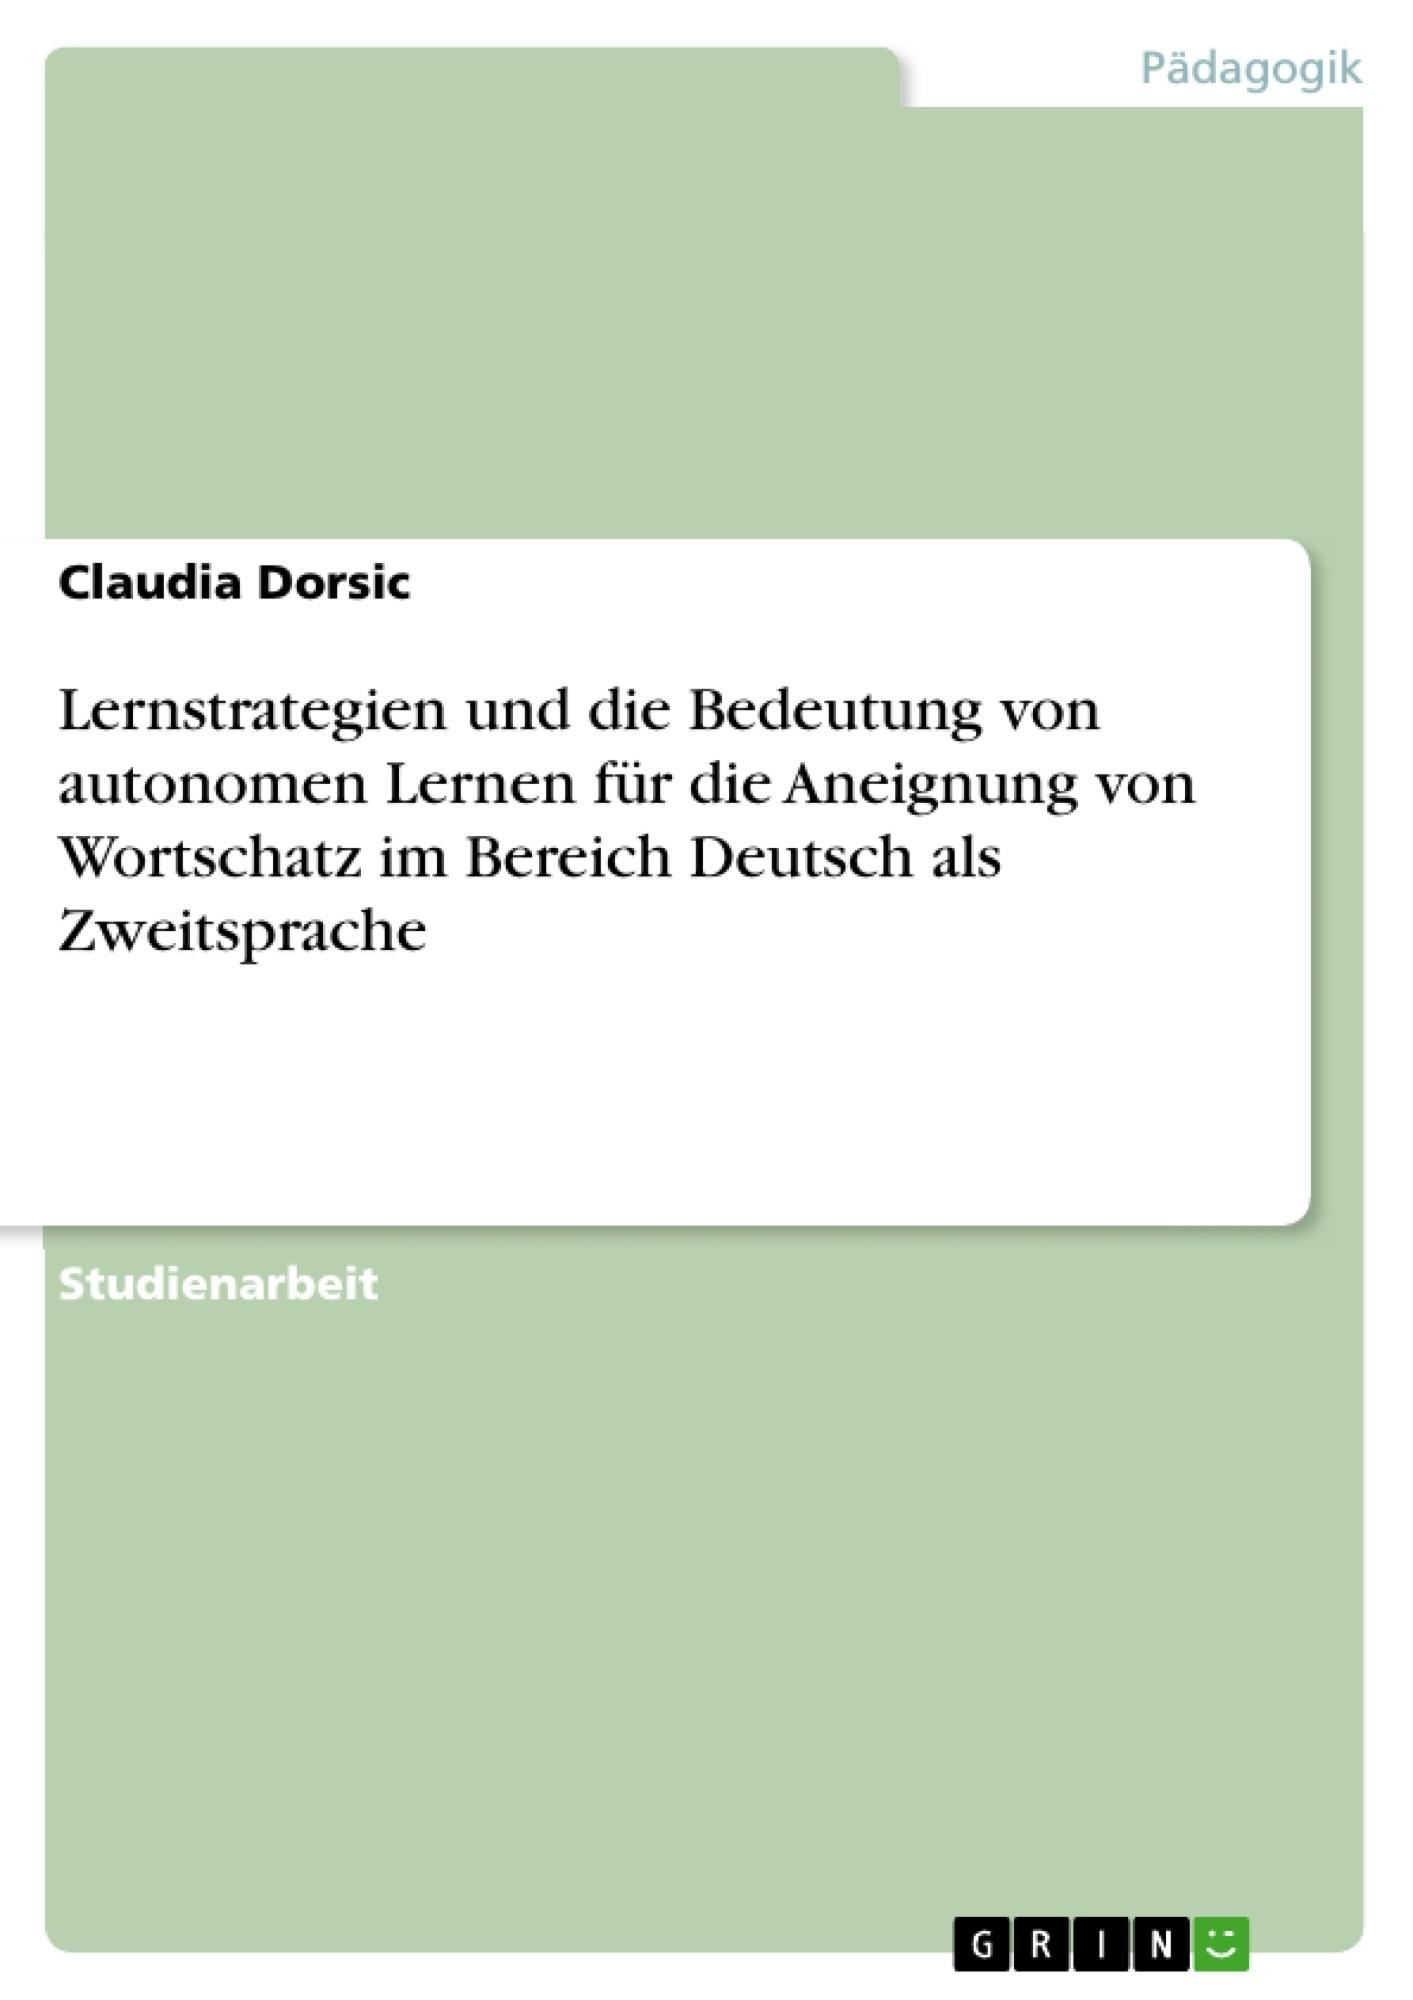 Titel: Lernstrategien und die Bedeutung von autonomen Lernen für die Aneignung von Wortschatz im Bereich Deutsch als Zweitsprache